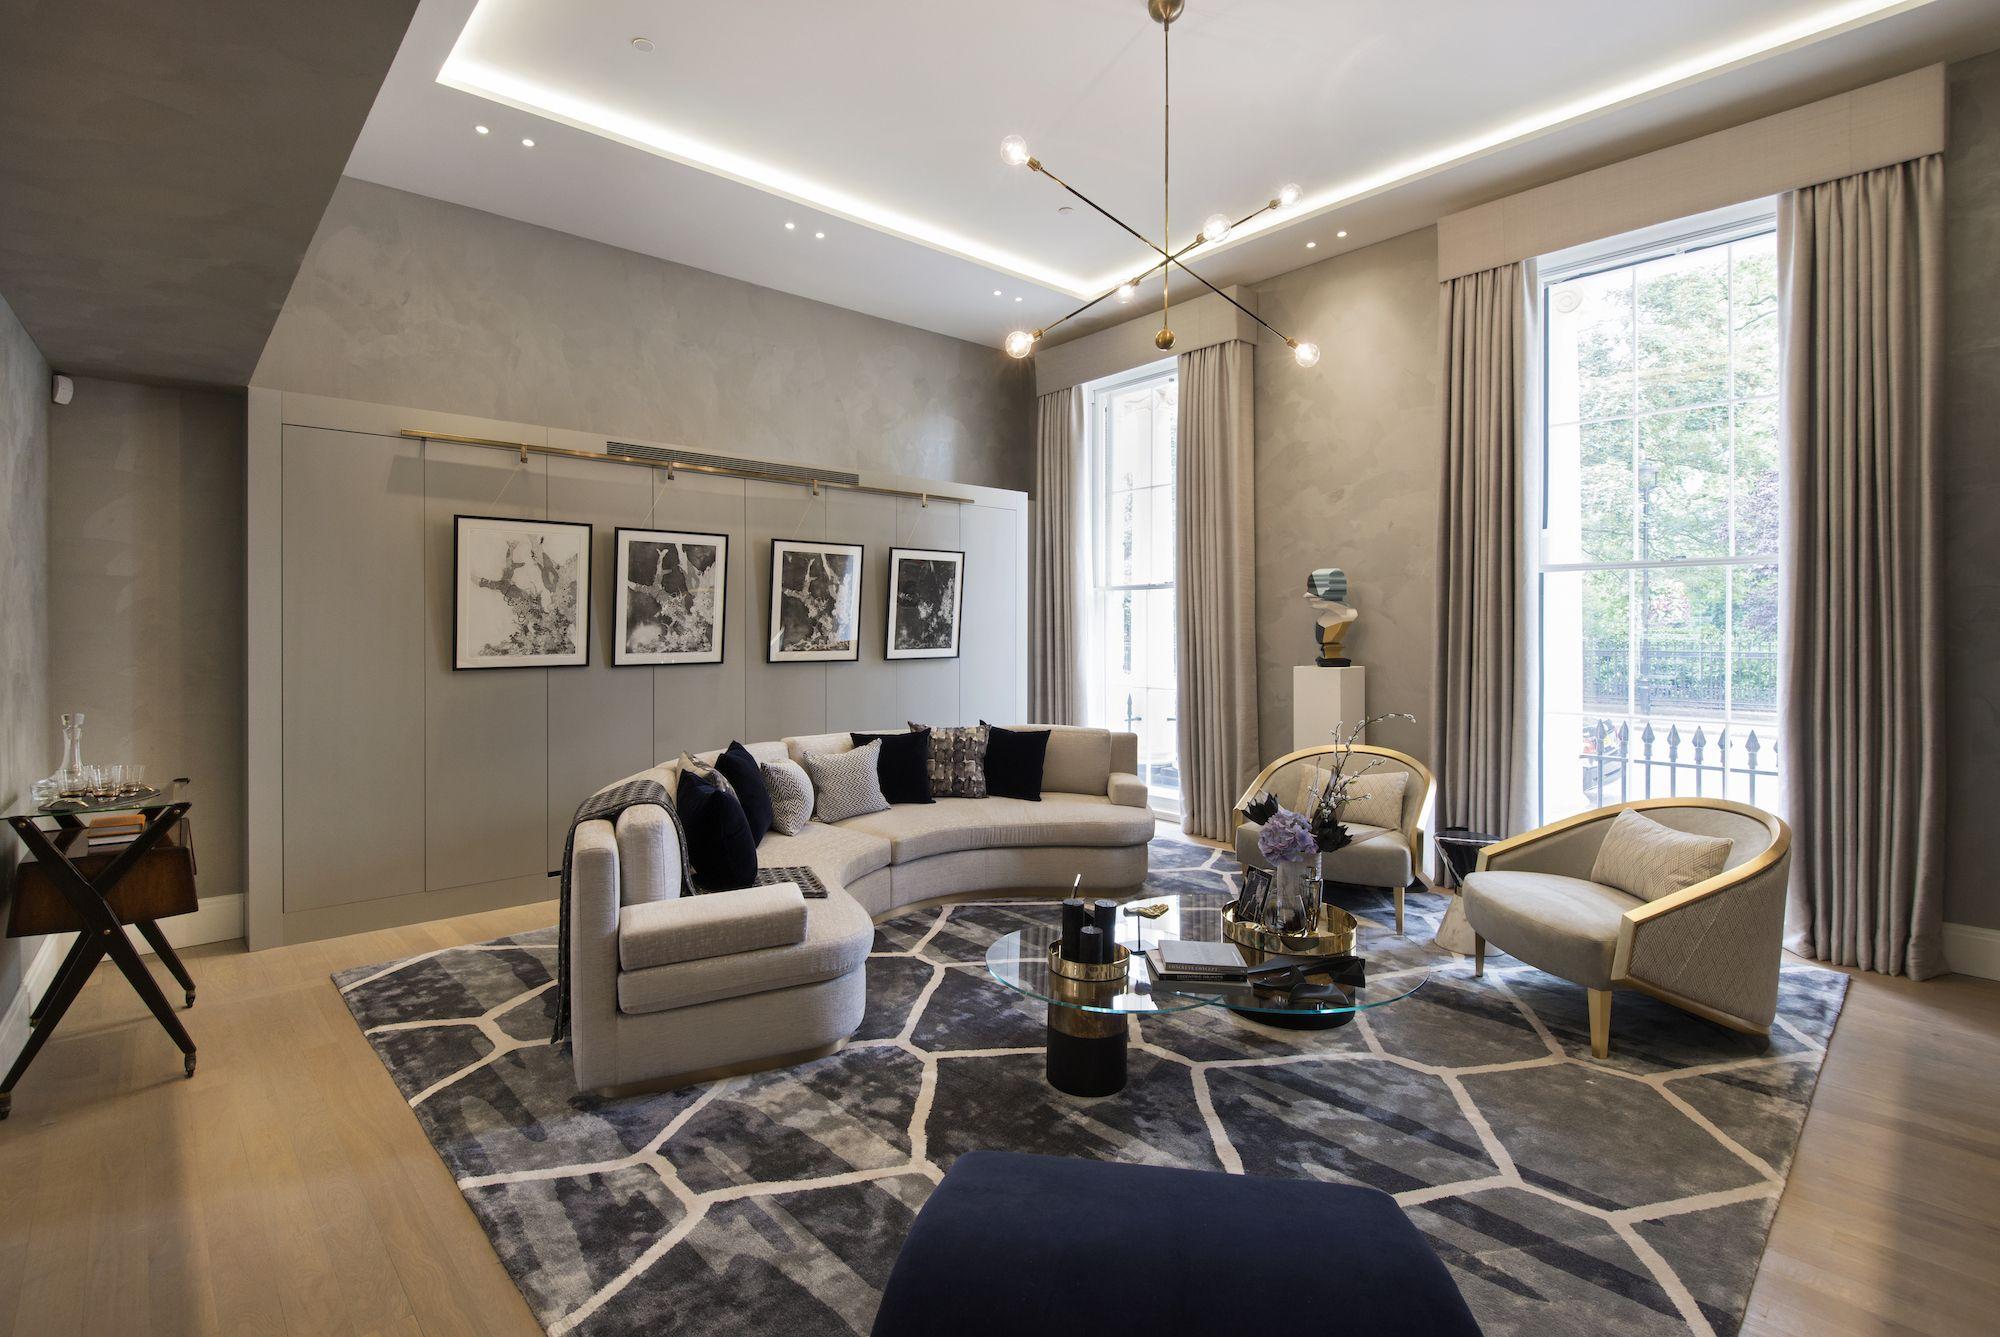 1508 London Park Crescent  Luxury Interior Design, Living Room